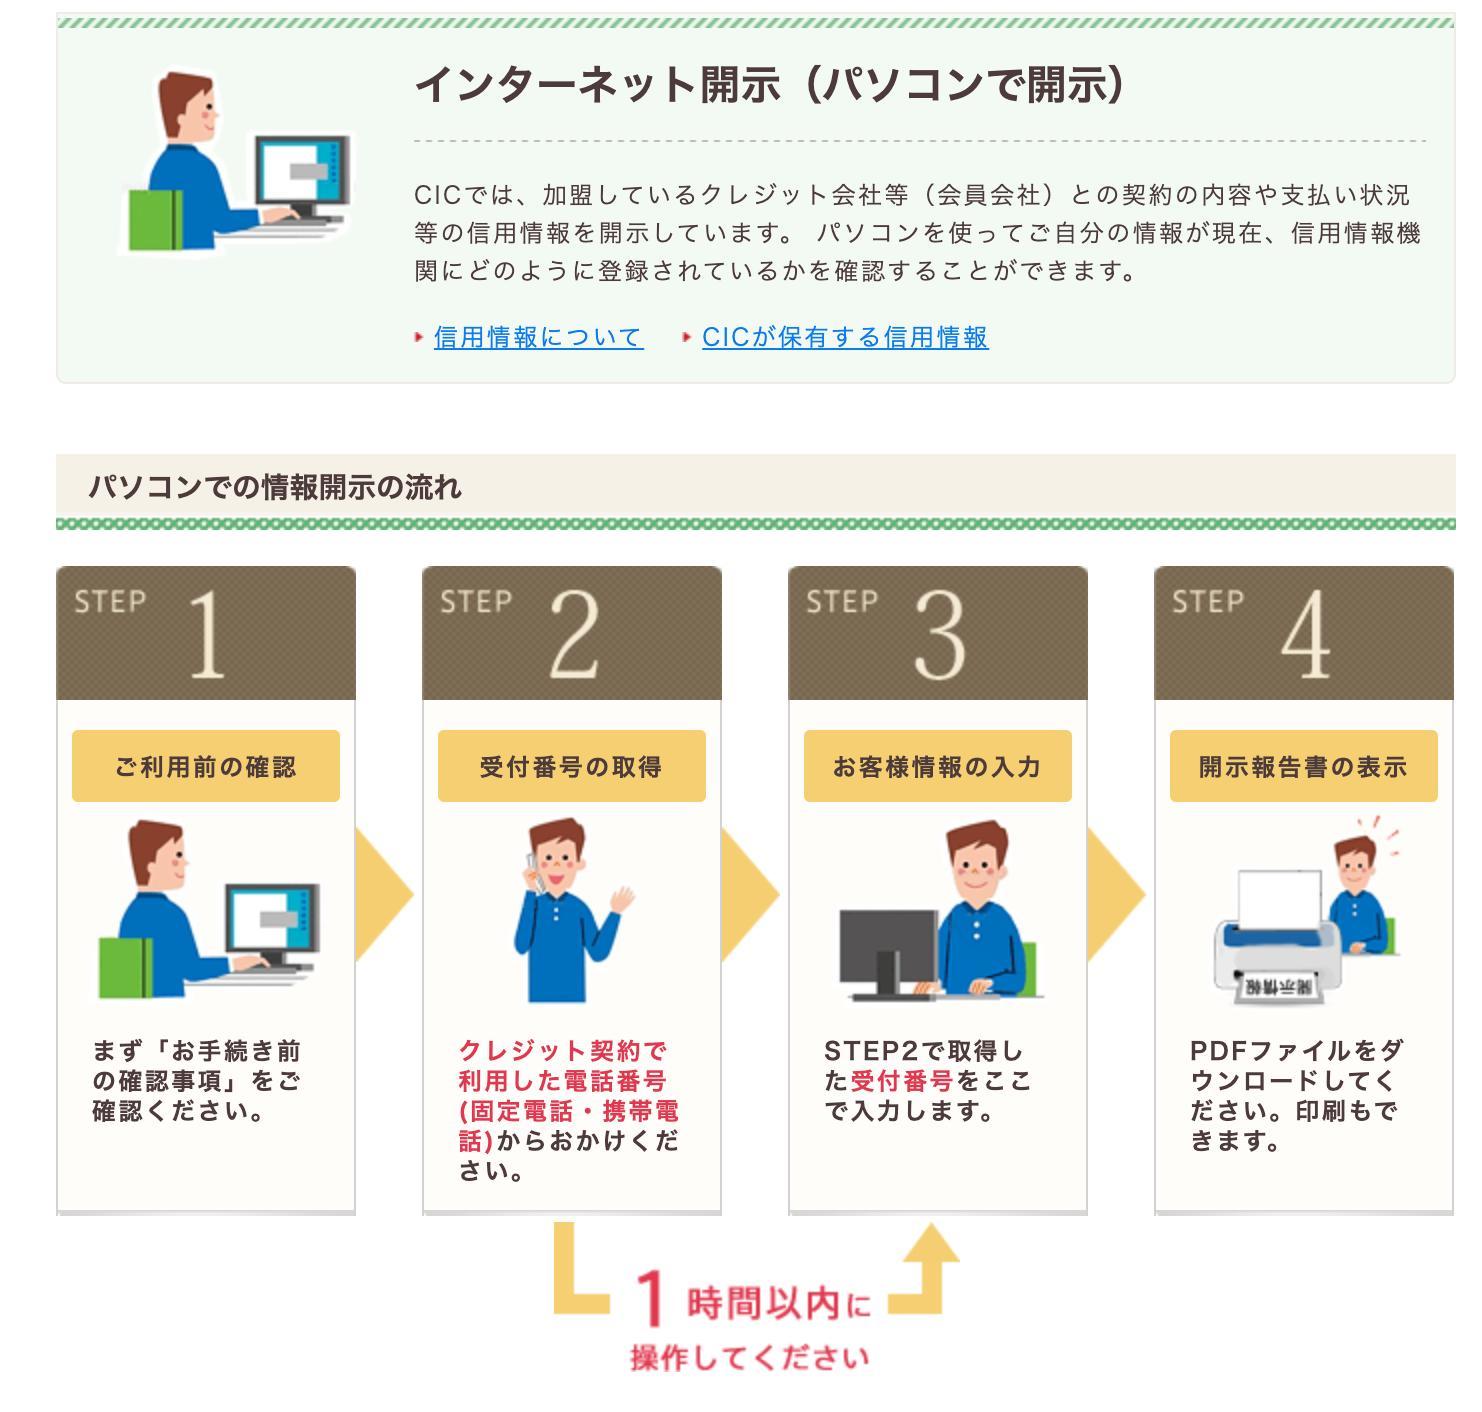 信用情報,信用,CIC,信用,開示,閲覧,方法